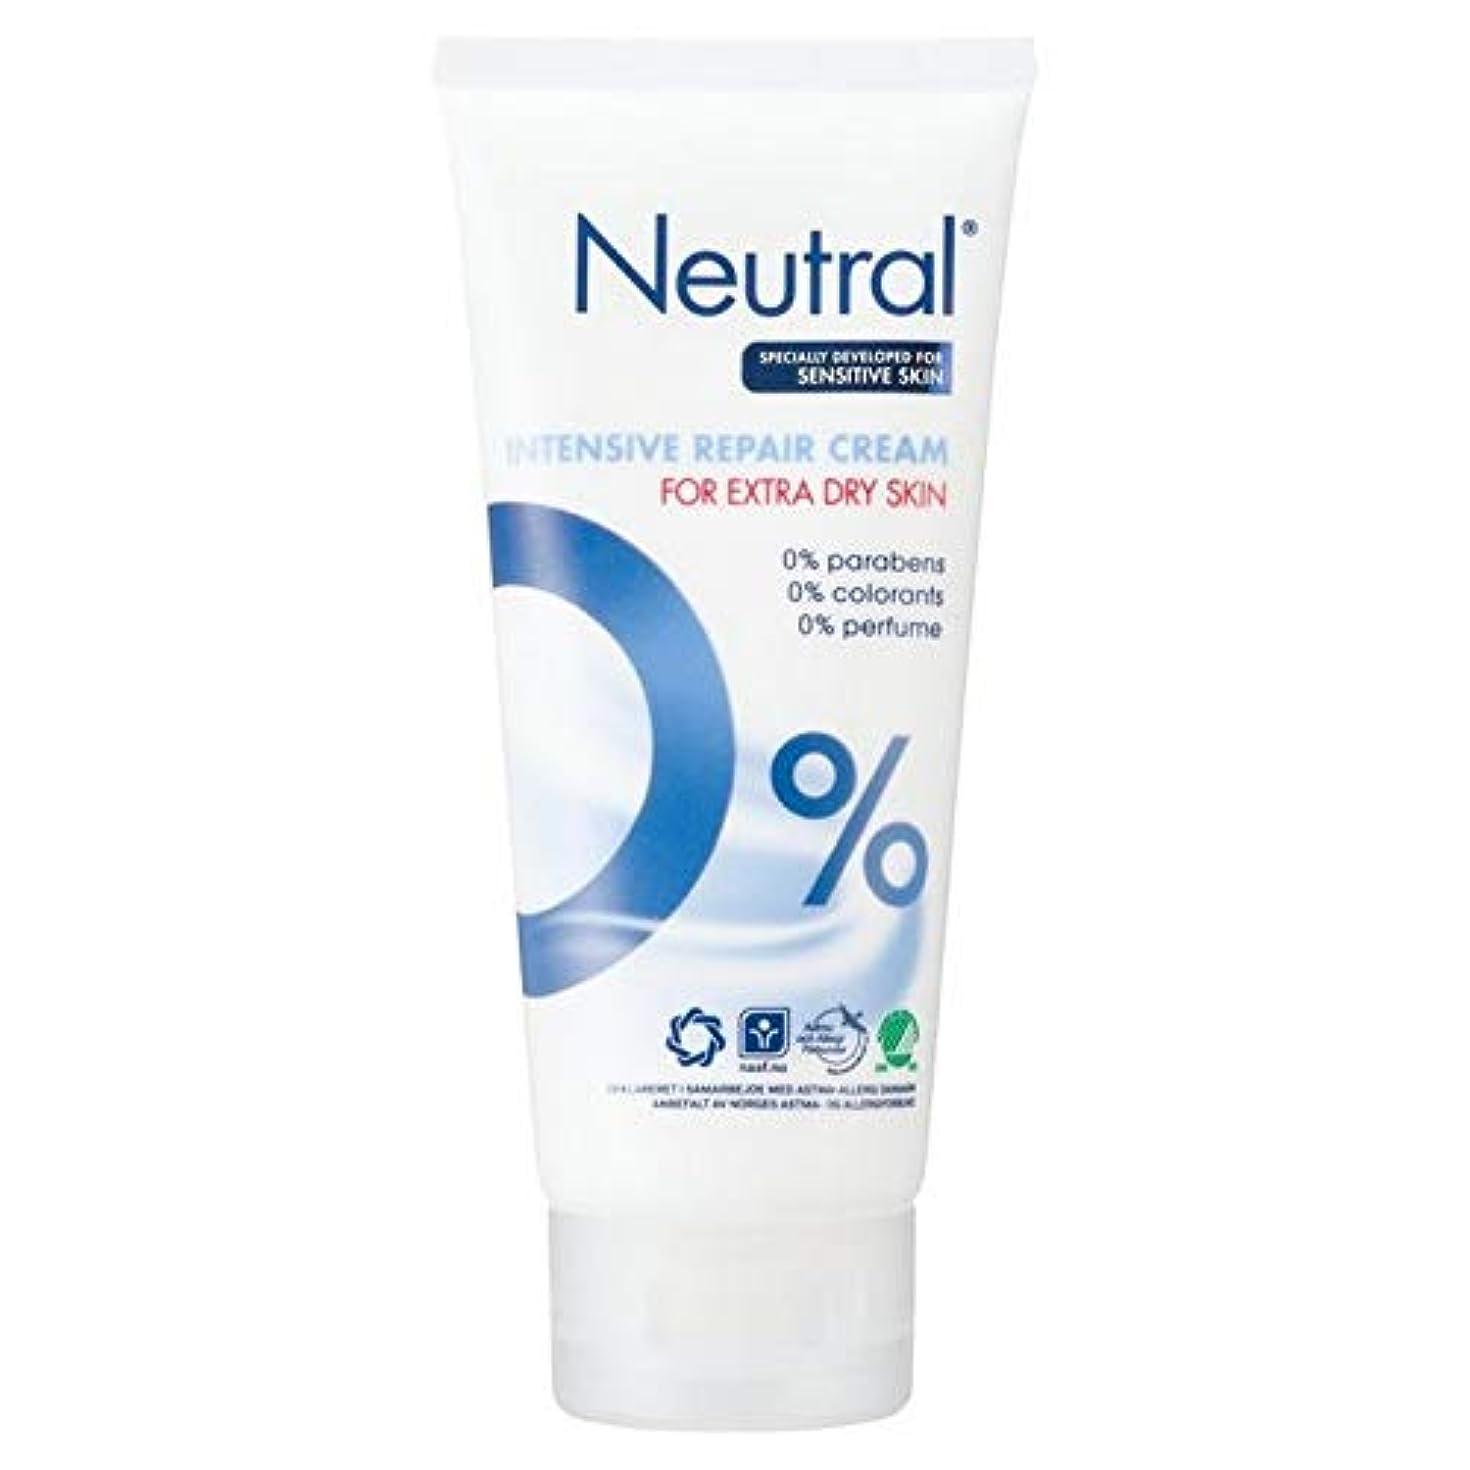 ポーズピーク眉[Neutral ] ニュートラル0%の集中リペアクリーム100ミリリットル - Neutral 0% Intensive Repair Cream 100ml [並行輸入品]